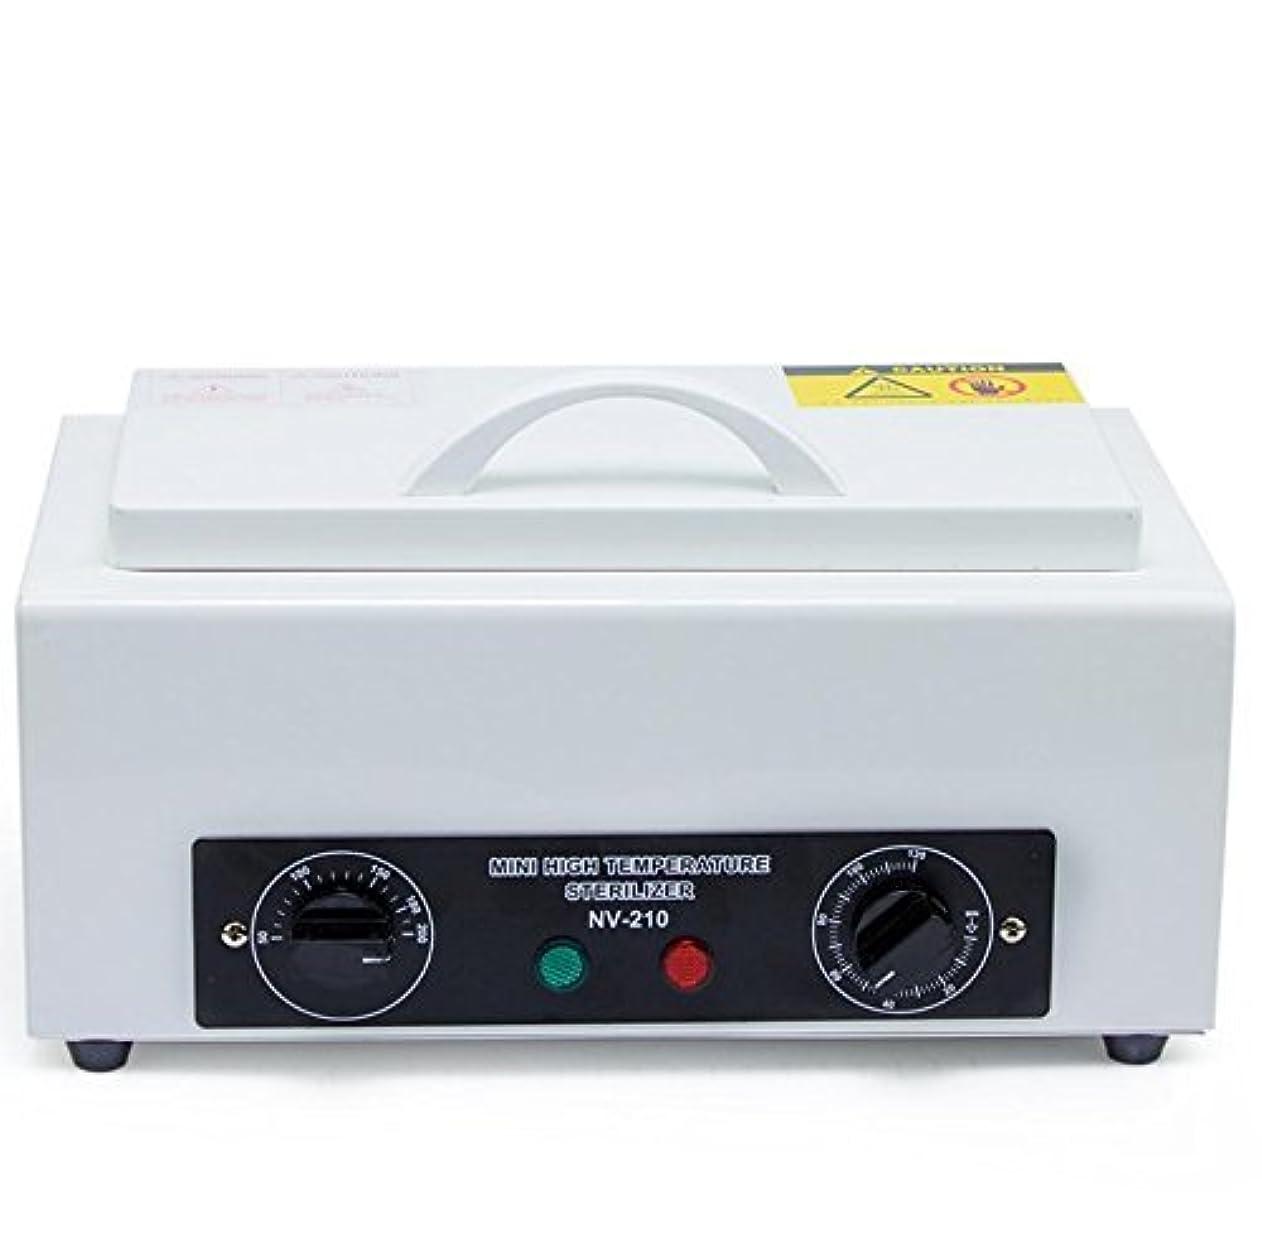 禁止アクティブ男らしさネイル殺菌装置UV消毒キャビネット高温ドライヤーヒートネイルマニキュアサロンツール治療消毒機